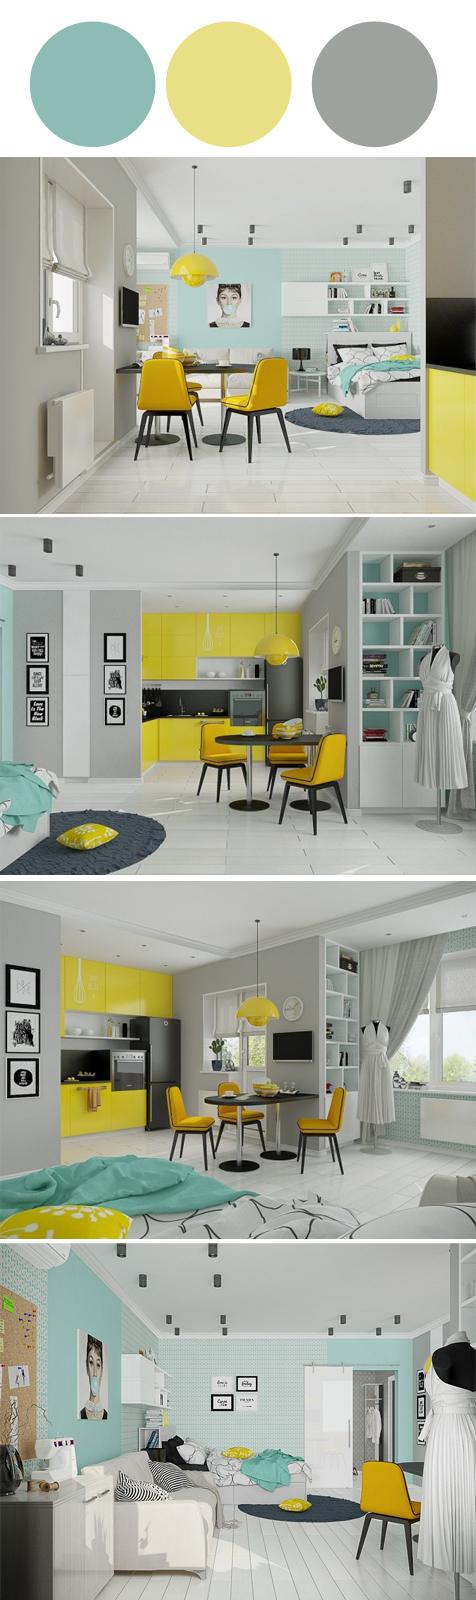 Docoração Apartamento (Loft) com Amarelo, Azul Tiffany e Cinza